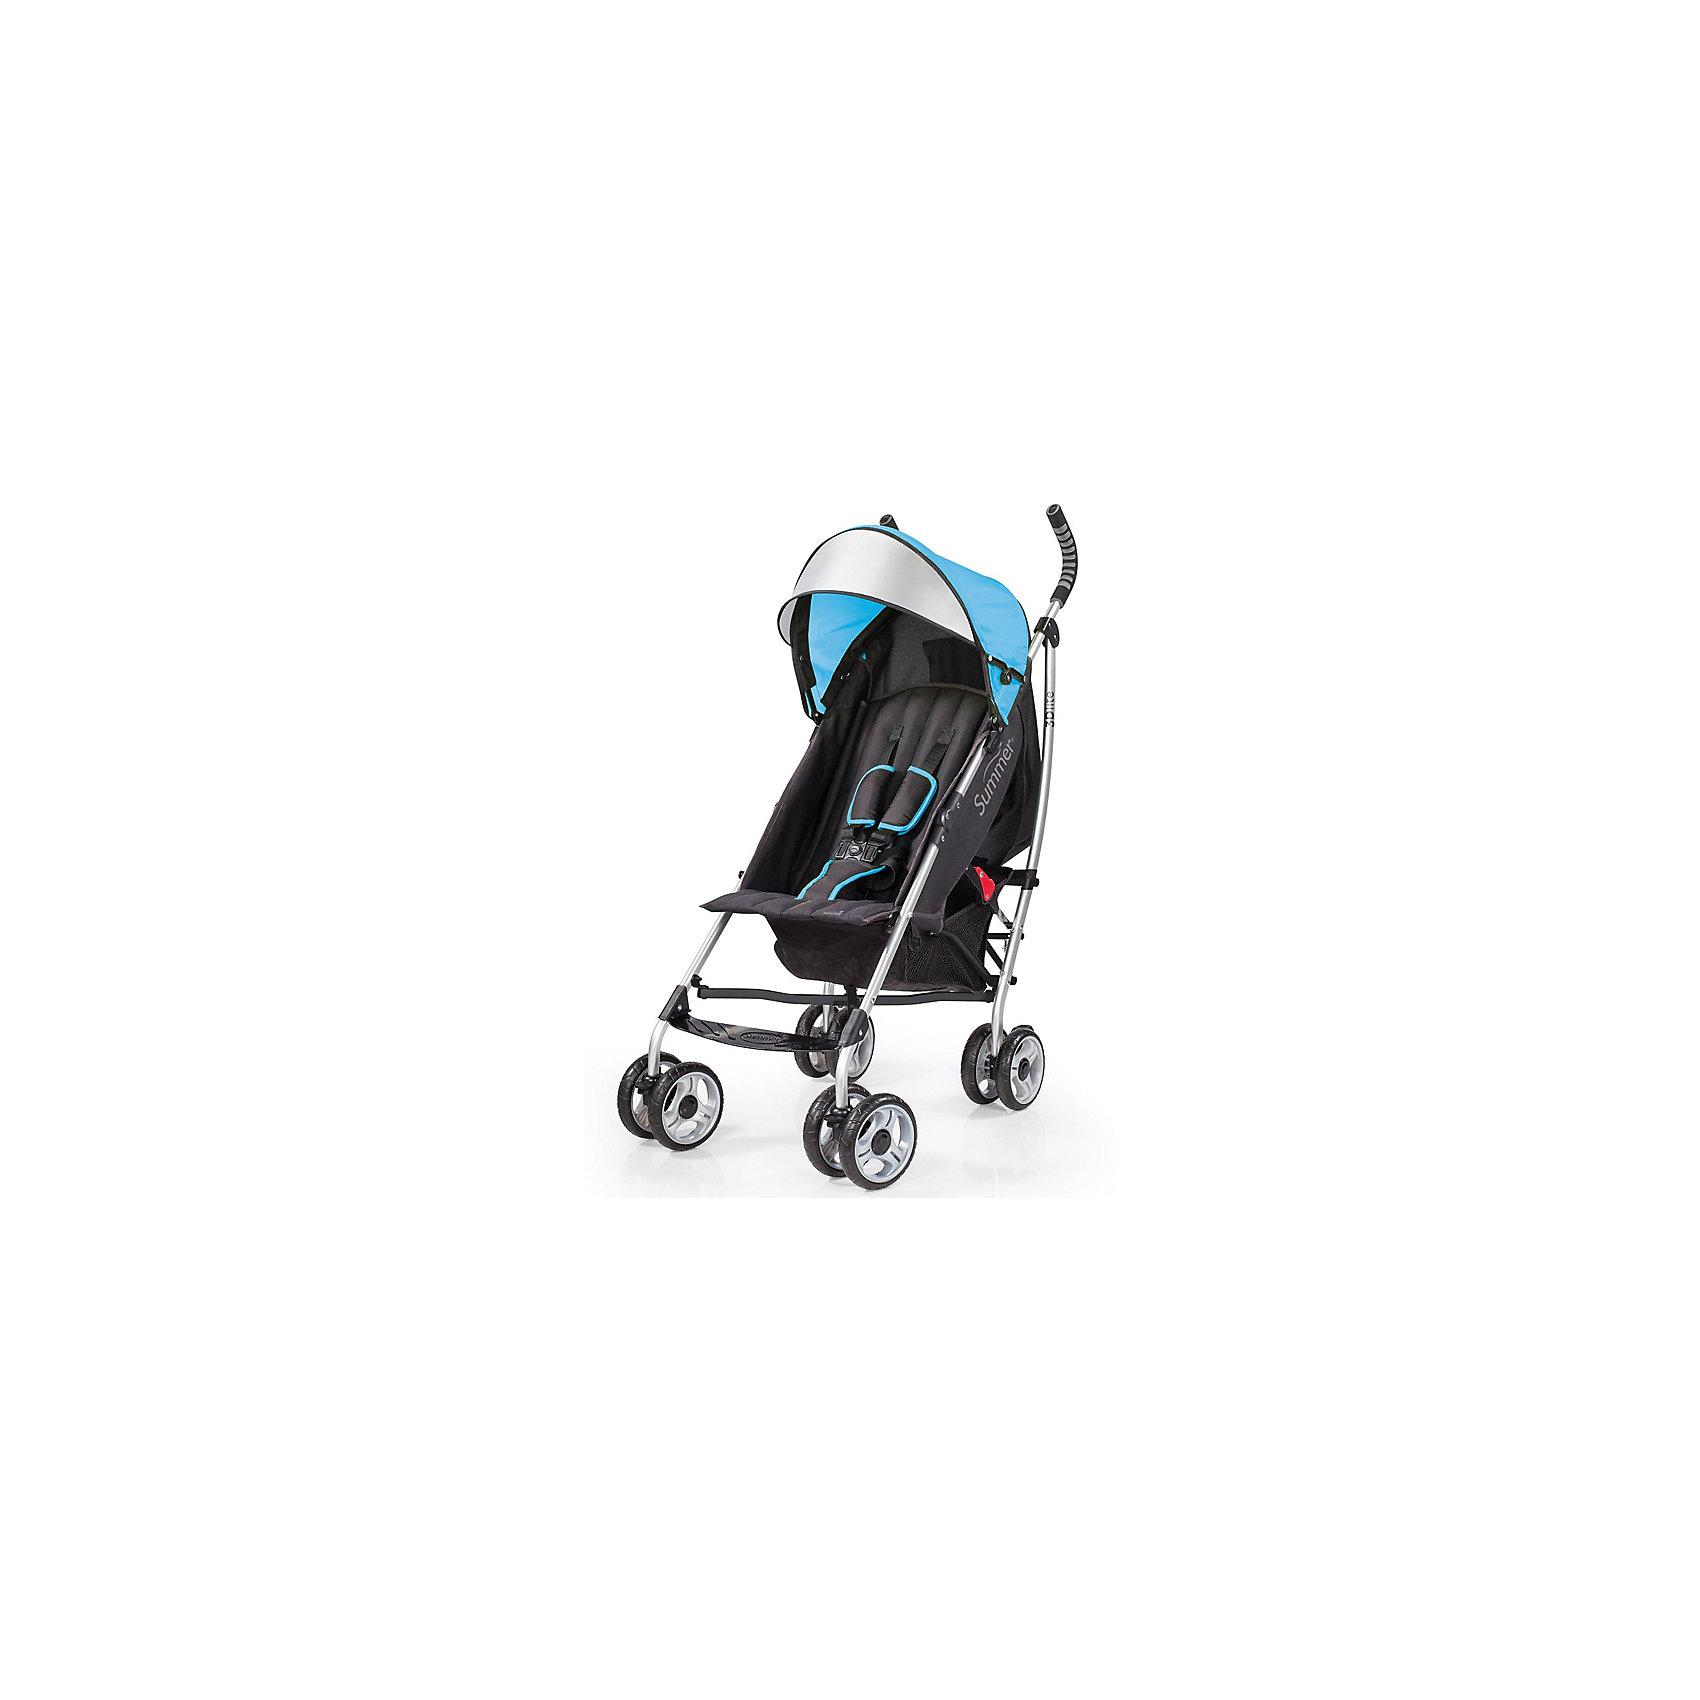 Коляска-трость 3D Lite, Summer Infant, голубойКомпактная, удобная коляска-трость 3D-Lite Stroller от компании Summer Infant!<br>Это долговечная коляска, которая имеет легкий и стильный алюминиевый каркас.<br><br>Данная модель является одной из самых легких и самых многофункциональных колясок на рынке. Рама легко складывается, есть ремень для переноски, идеально подходит для летних путешествий!<br><br>Съемный навес с откидным козырьком будет надежно защищать ребенка от солнца. Кроме того, удобное широкое сиденье коляски и наличие функции трансформирования в лежачую позицию означают, что ваш ребенок всегда будет чувствовать себя комфортно. Большие колеса позволяют коляске ездить по любой поверхности, а 5-точечный ремень обеспечивает максимальную безопасность для вашего малыша. Задний карман - это удобное место для хранения мелких предметов, например, ключей, а в большую корзину, легко помещаются крупногабаритные вещи.<br><br>Особенности:<br>Прочная, легкая, стильная рама<br>Удобное сидение<br>Необыкновенно маневренная<br>8 - колесная (по 4 сдвоенных колеса высокой проходимости)<br>Блокировка задних колес<br>3 положения спинки<br>5-точечный ремень безопасности с мягкими накладками (регулируются по мере роста ребенка)<br>Корзина хранения<br>Большой навес с откидным козырьком (защищает от 99,9% солнечных лучей)<br>Вместительный задний карман для хранения<br>Ремень для переноски<br>Для детей от 6-36 месяцев (примерно до 25 кг)<br><br>Ширина мм: 1050<br>Глубина мм: 260<br>Высота мм: 260<br>Вес г: 7500<br>Возраст от месяцев: 6<br>Возраст до месяцев: 36<br>Пол: Унисекс<br>Возраст: Детский<br>SKU: 5507983